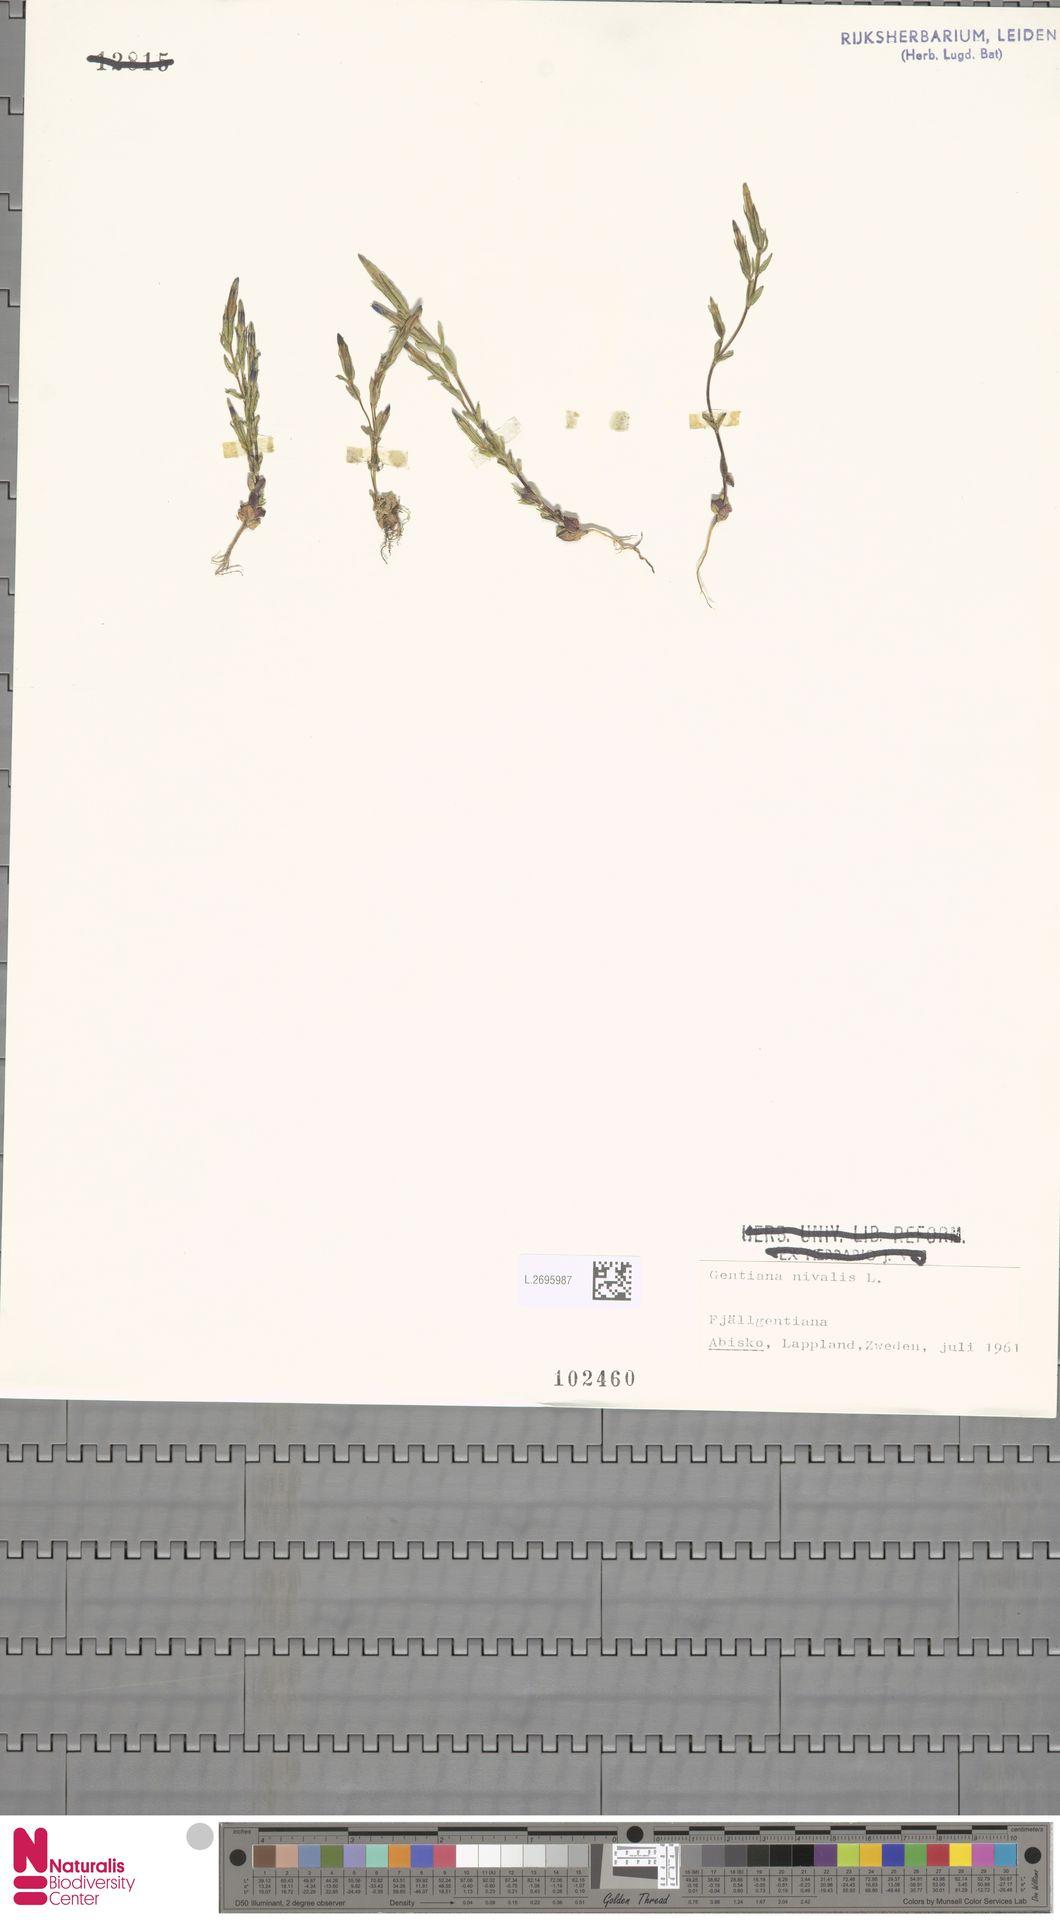 L.2695987 | Gentiana nivalis L.